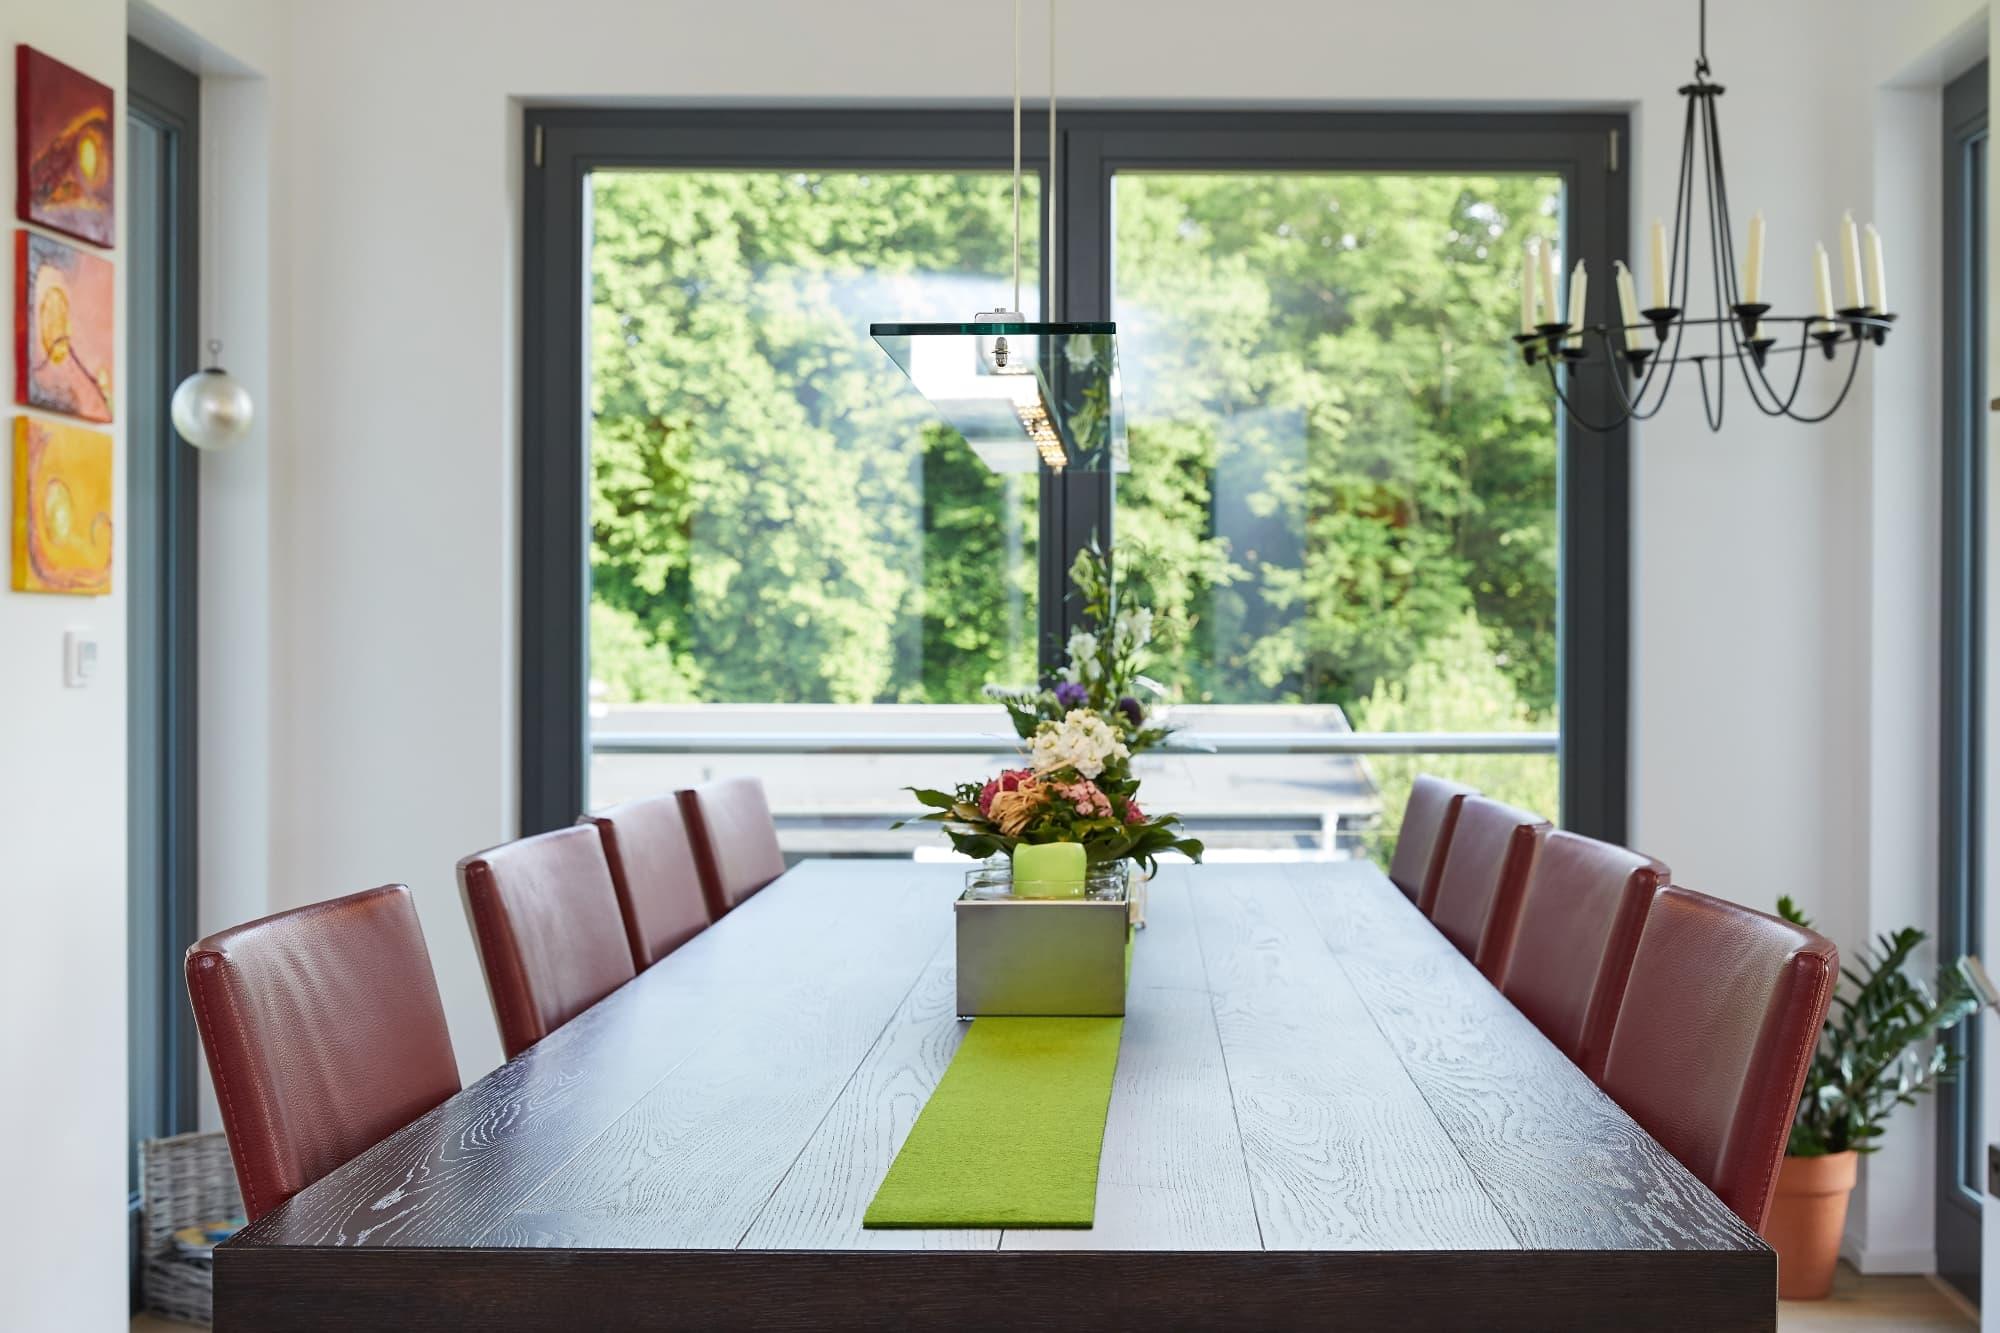 Grosser Esstisch Holz mit Tischdeko - Inneneinrichtung Fertighaus Hainbuchenallee von GUSSEK HAUS - HausbauDirekt.de